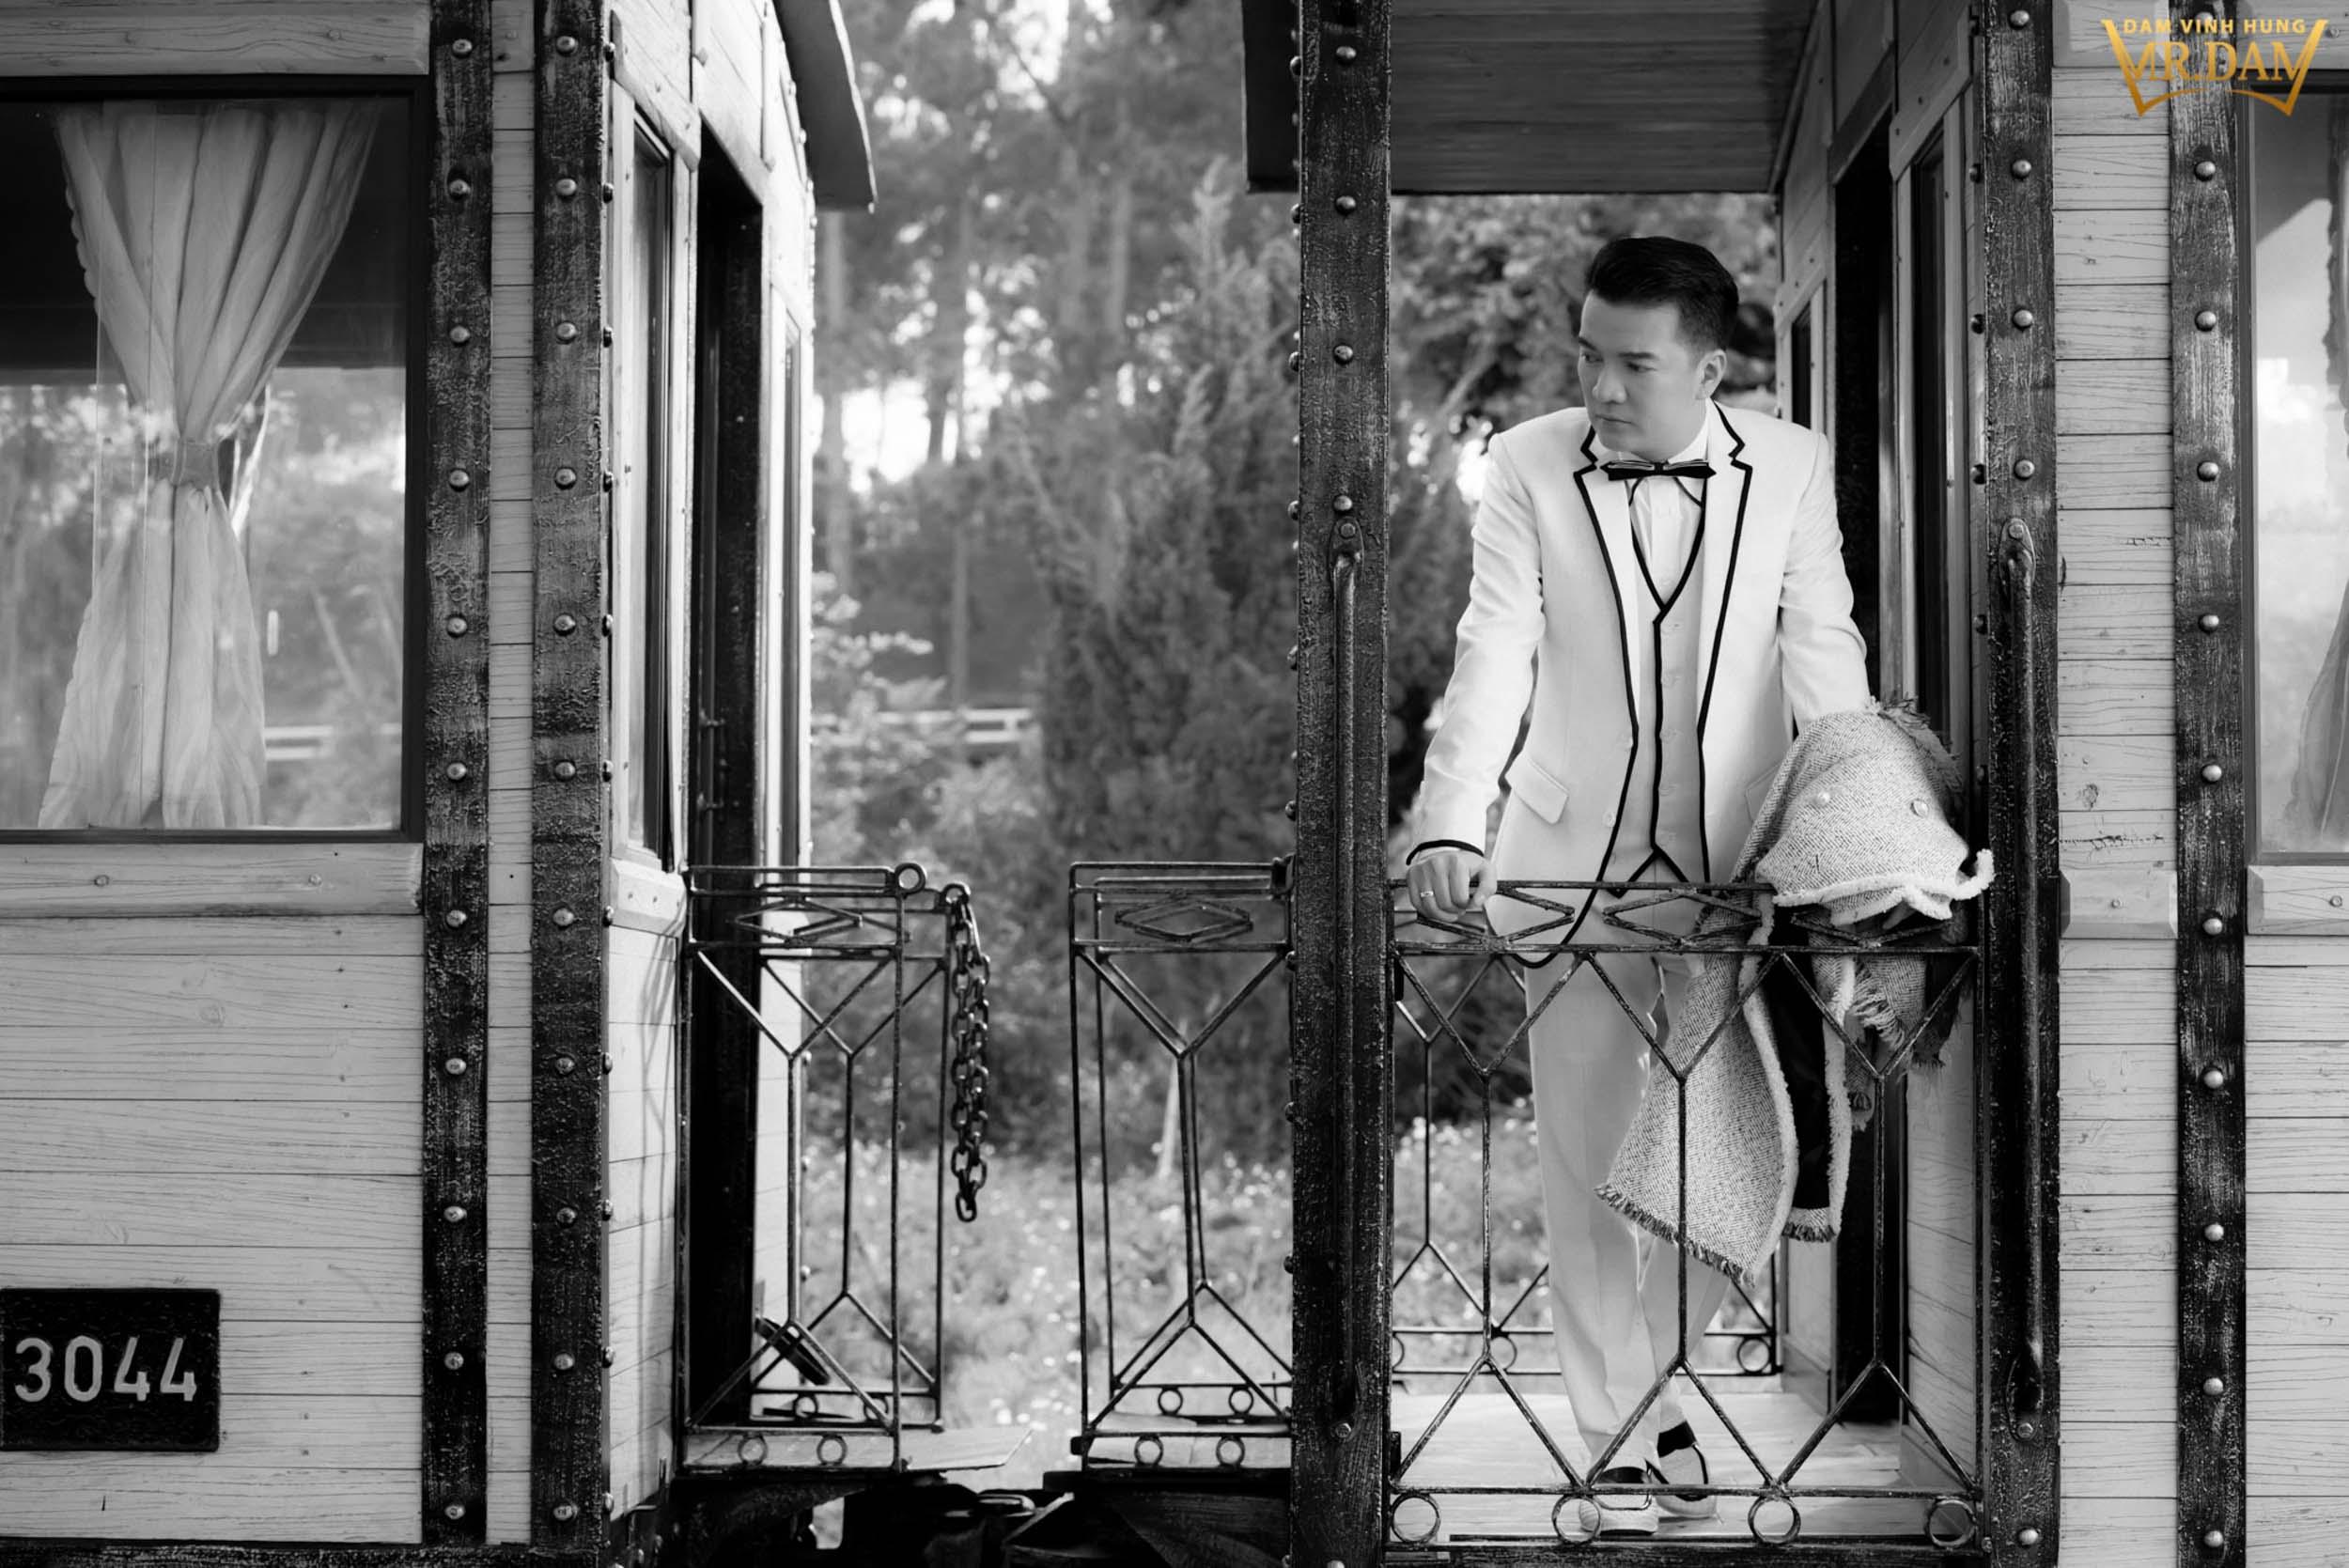 Đàm Vĩnh Hưng tái sinh ca khúc kinh điển tại nơi bắt đầu cuộc tình đẹp nhất đời